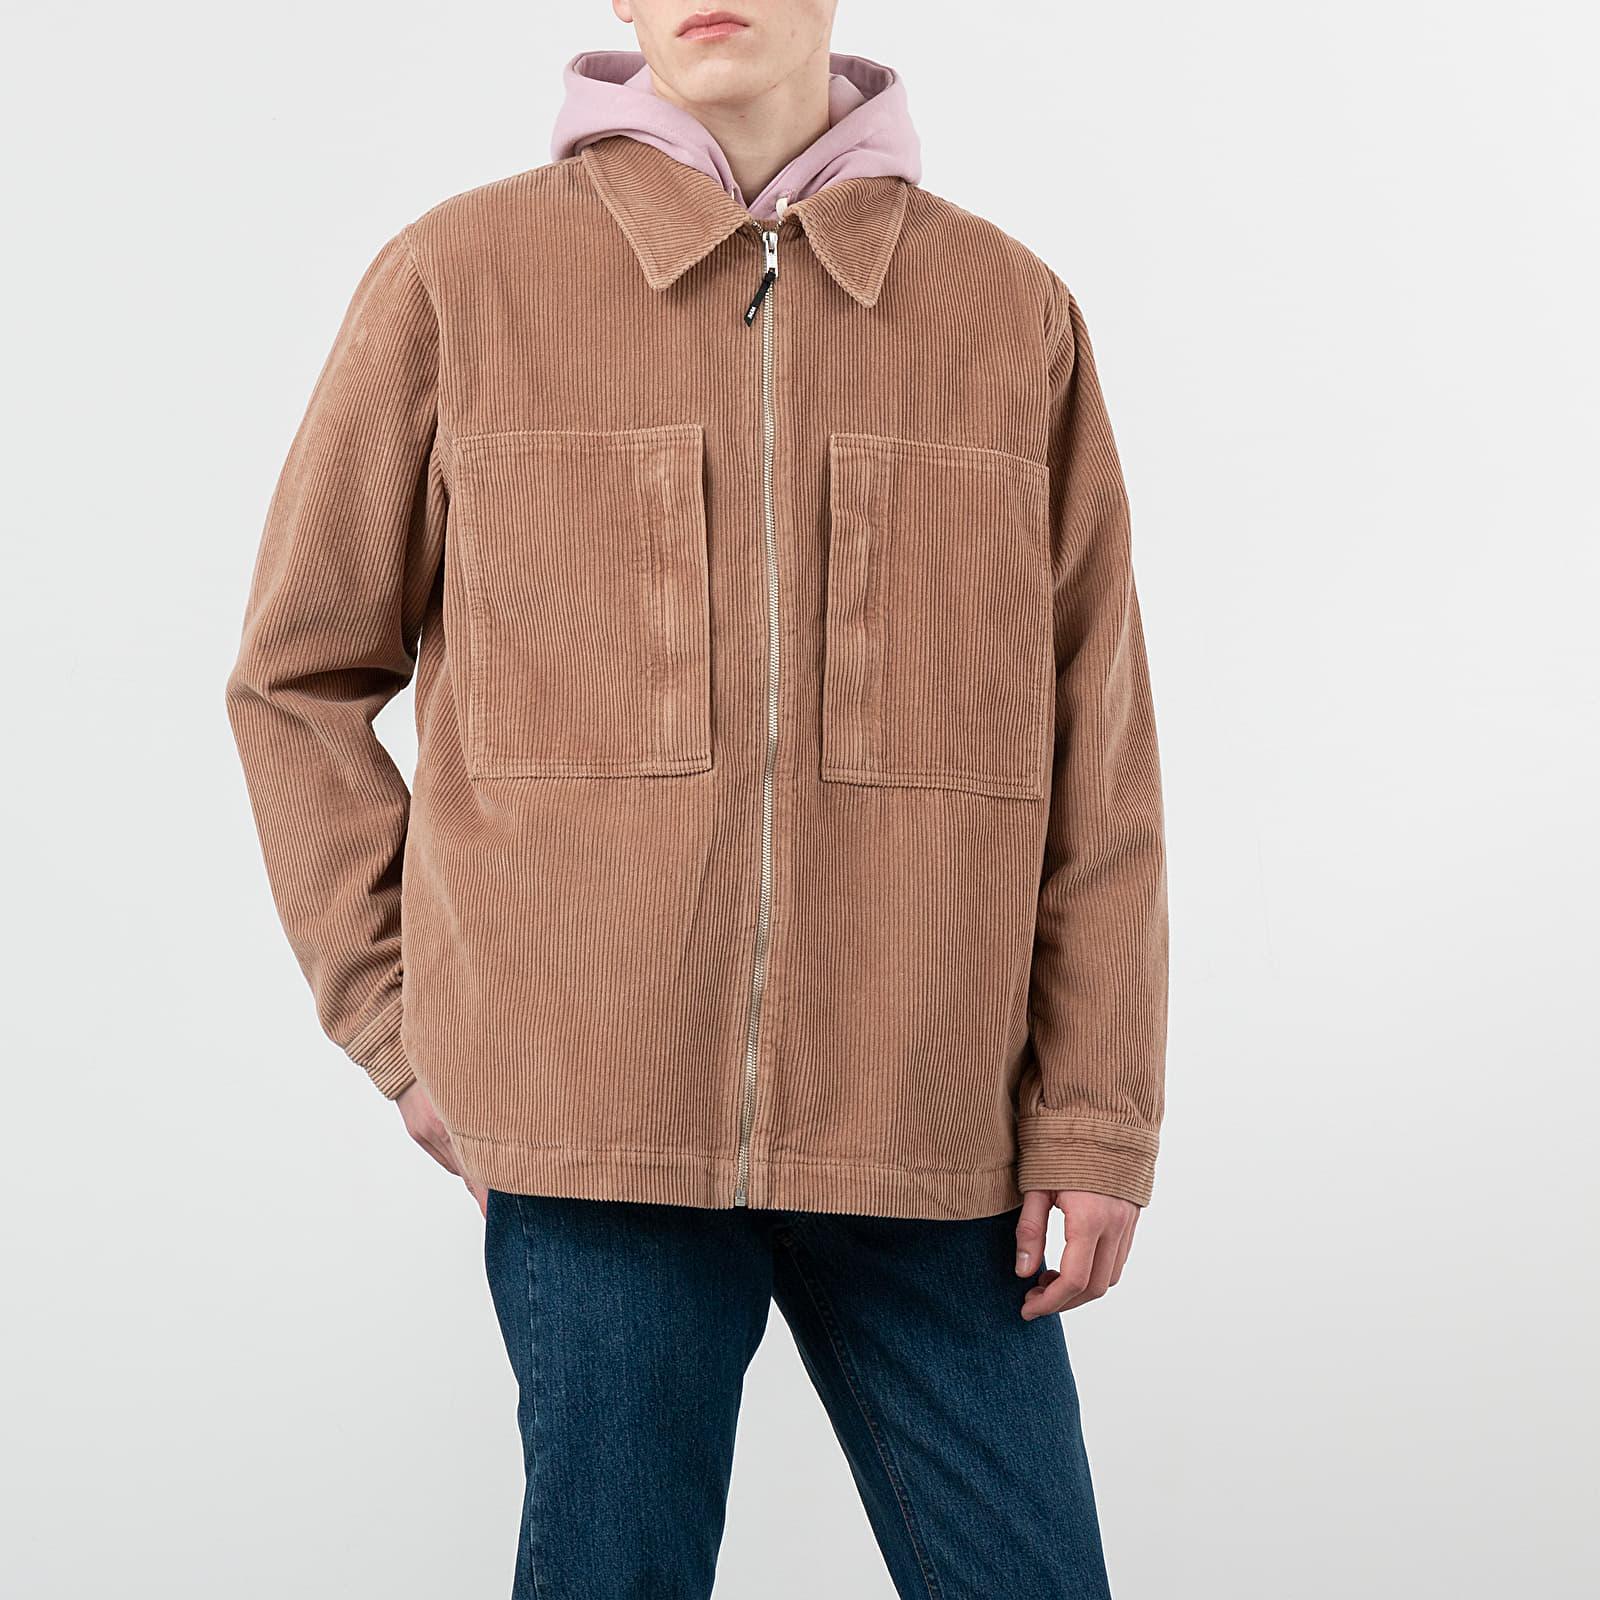 Dzsekik és kabátok Wood Wood Gale Jacket Khaki